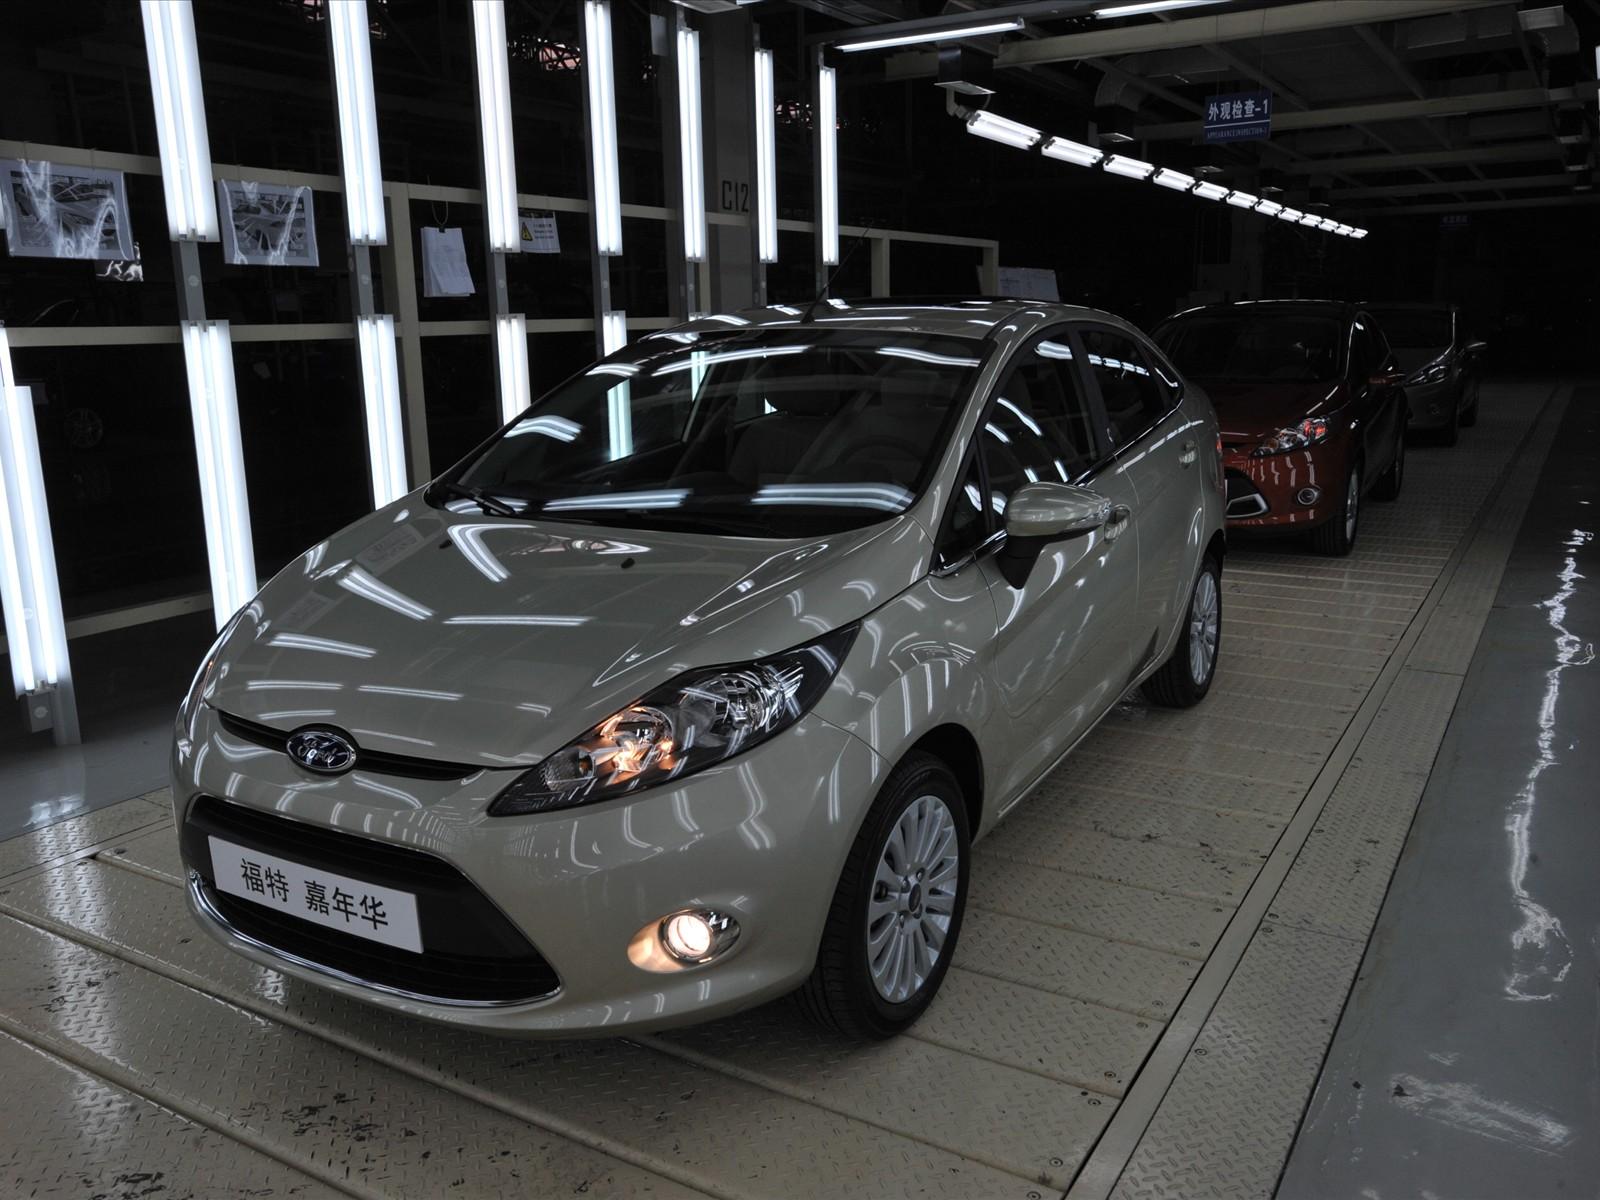 http://3.bp.blogspot.com/-mW9kG1emegQ/TZmD-g5fn2I/AAAAAAAABiI/ri66bGjLu1A/s1600/Ford+Fiesta+2011.jpg